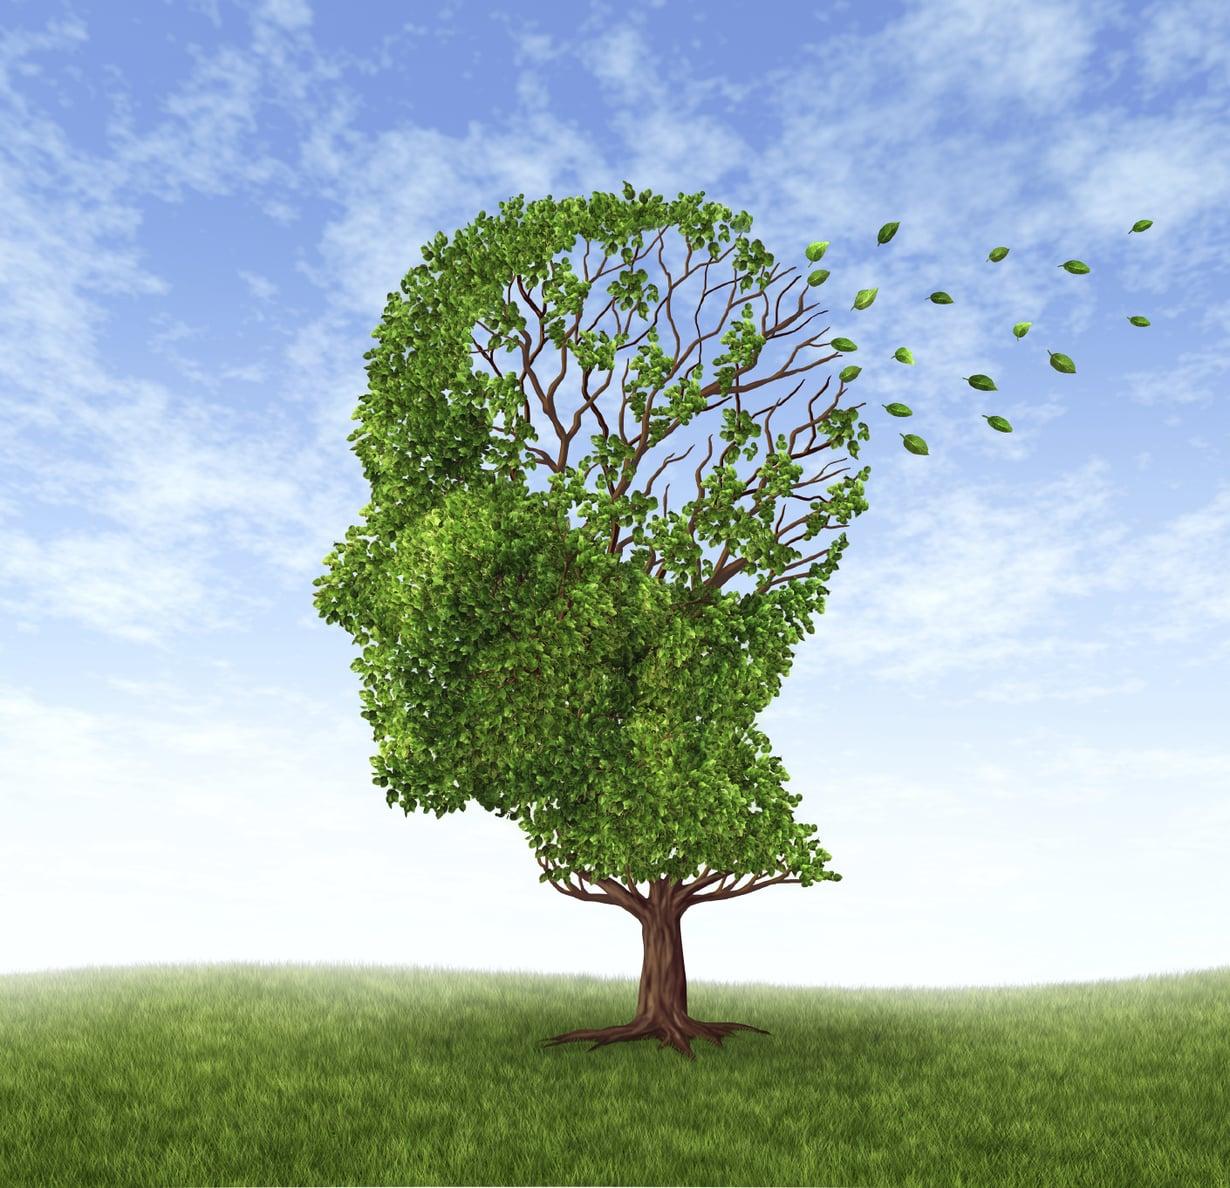 Muistitesti, jonka lääkäri tekee, kun epäilee muistisairautta.